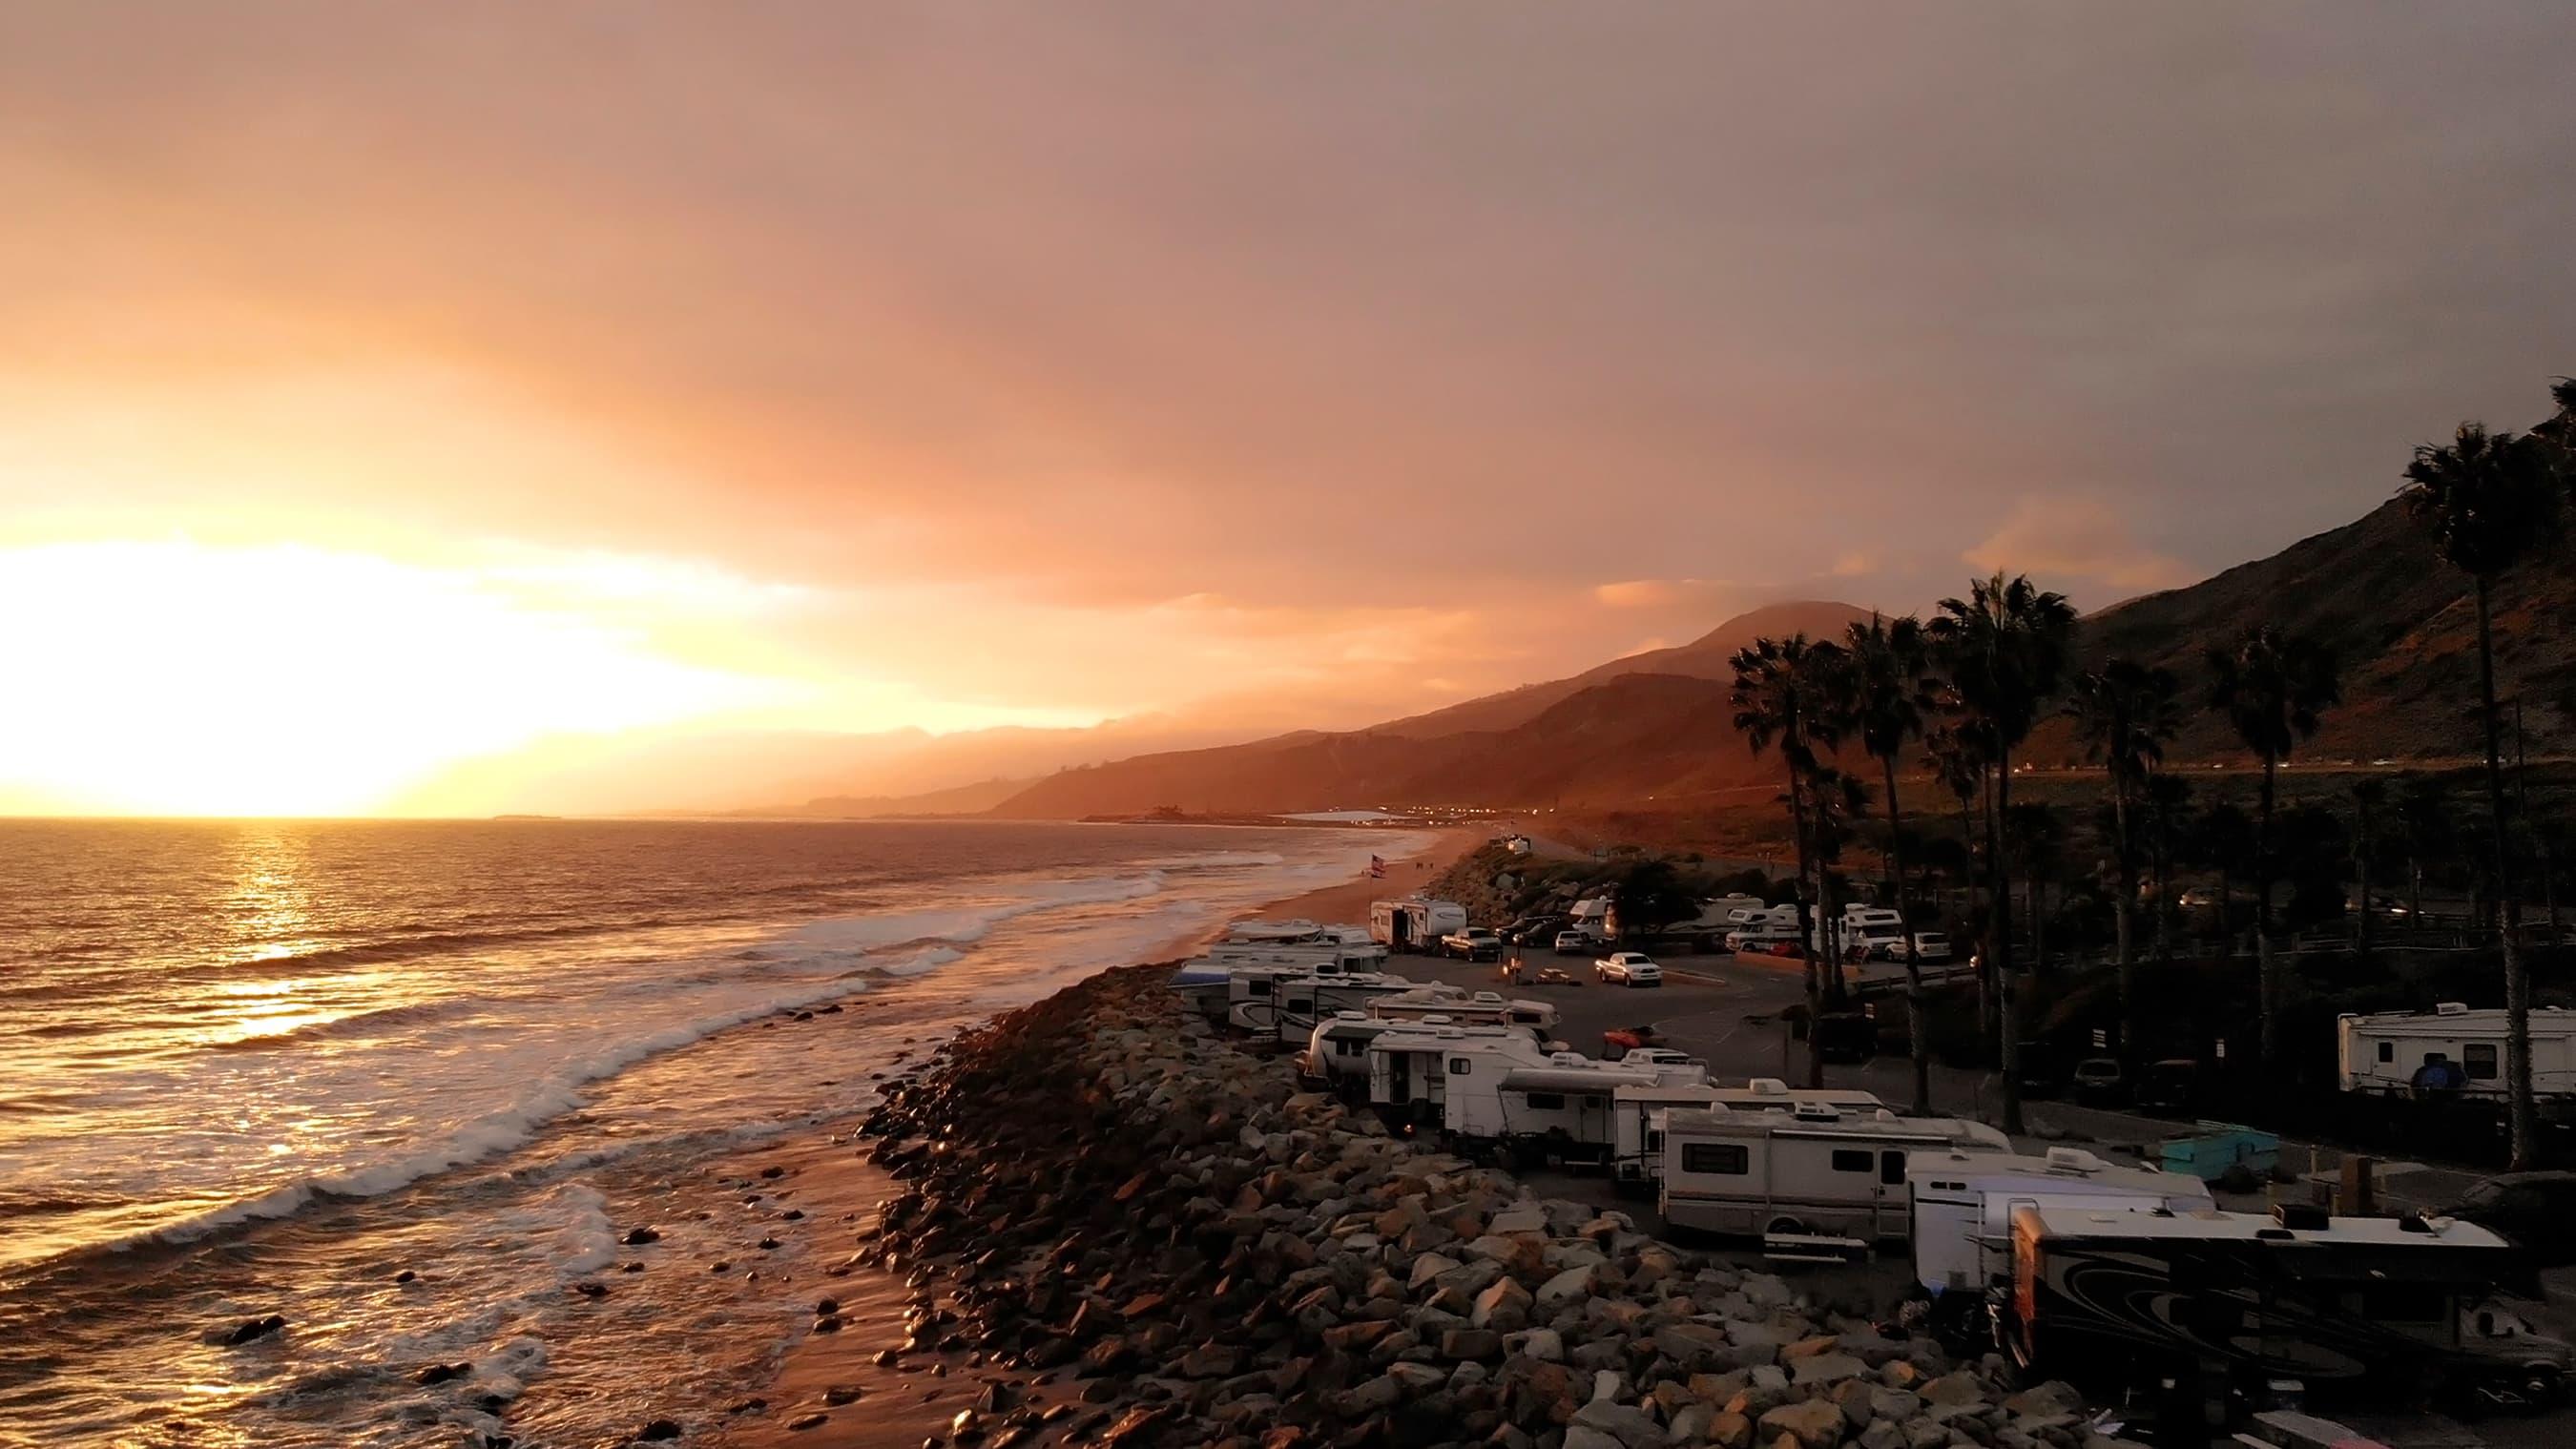 overlooking santa barbara rv park on the ocean coast at sunset